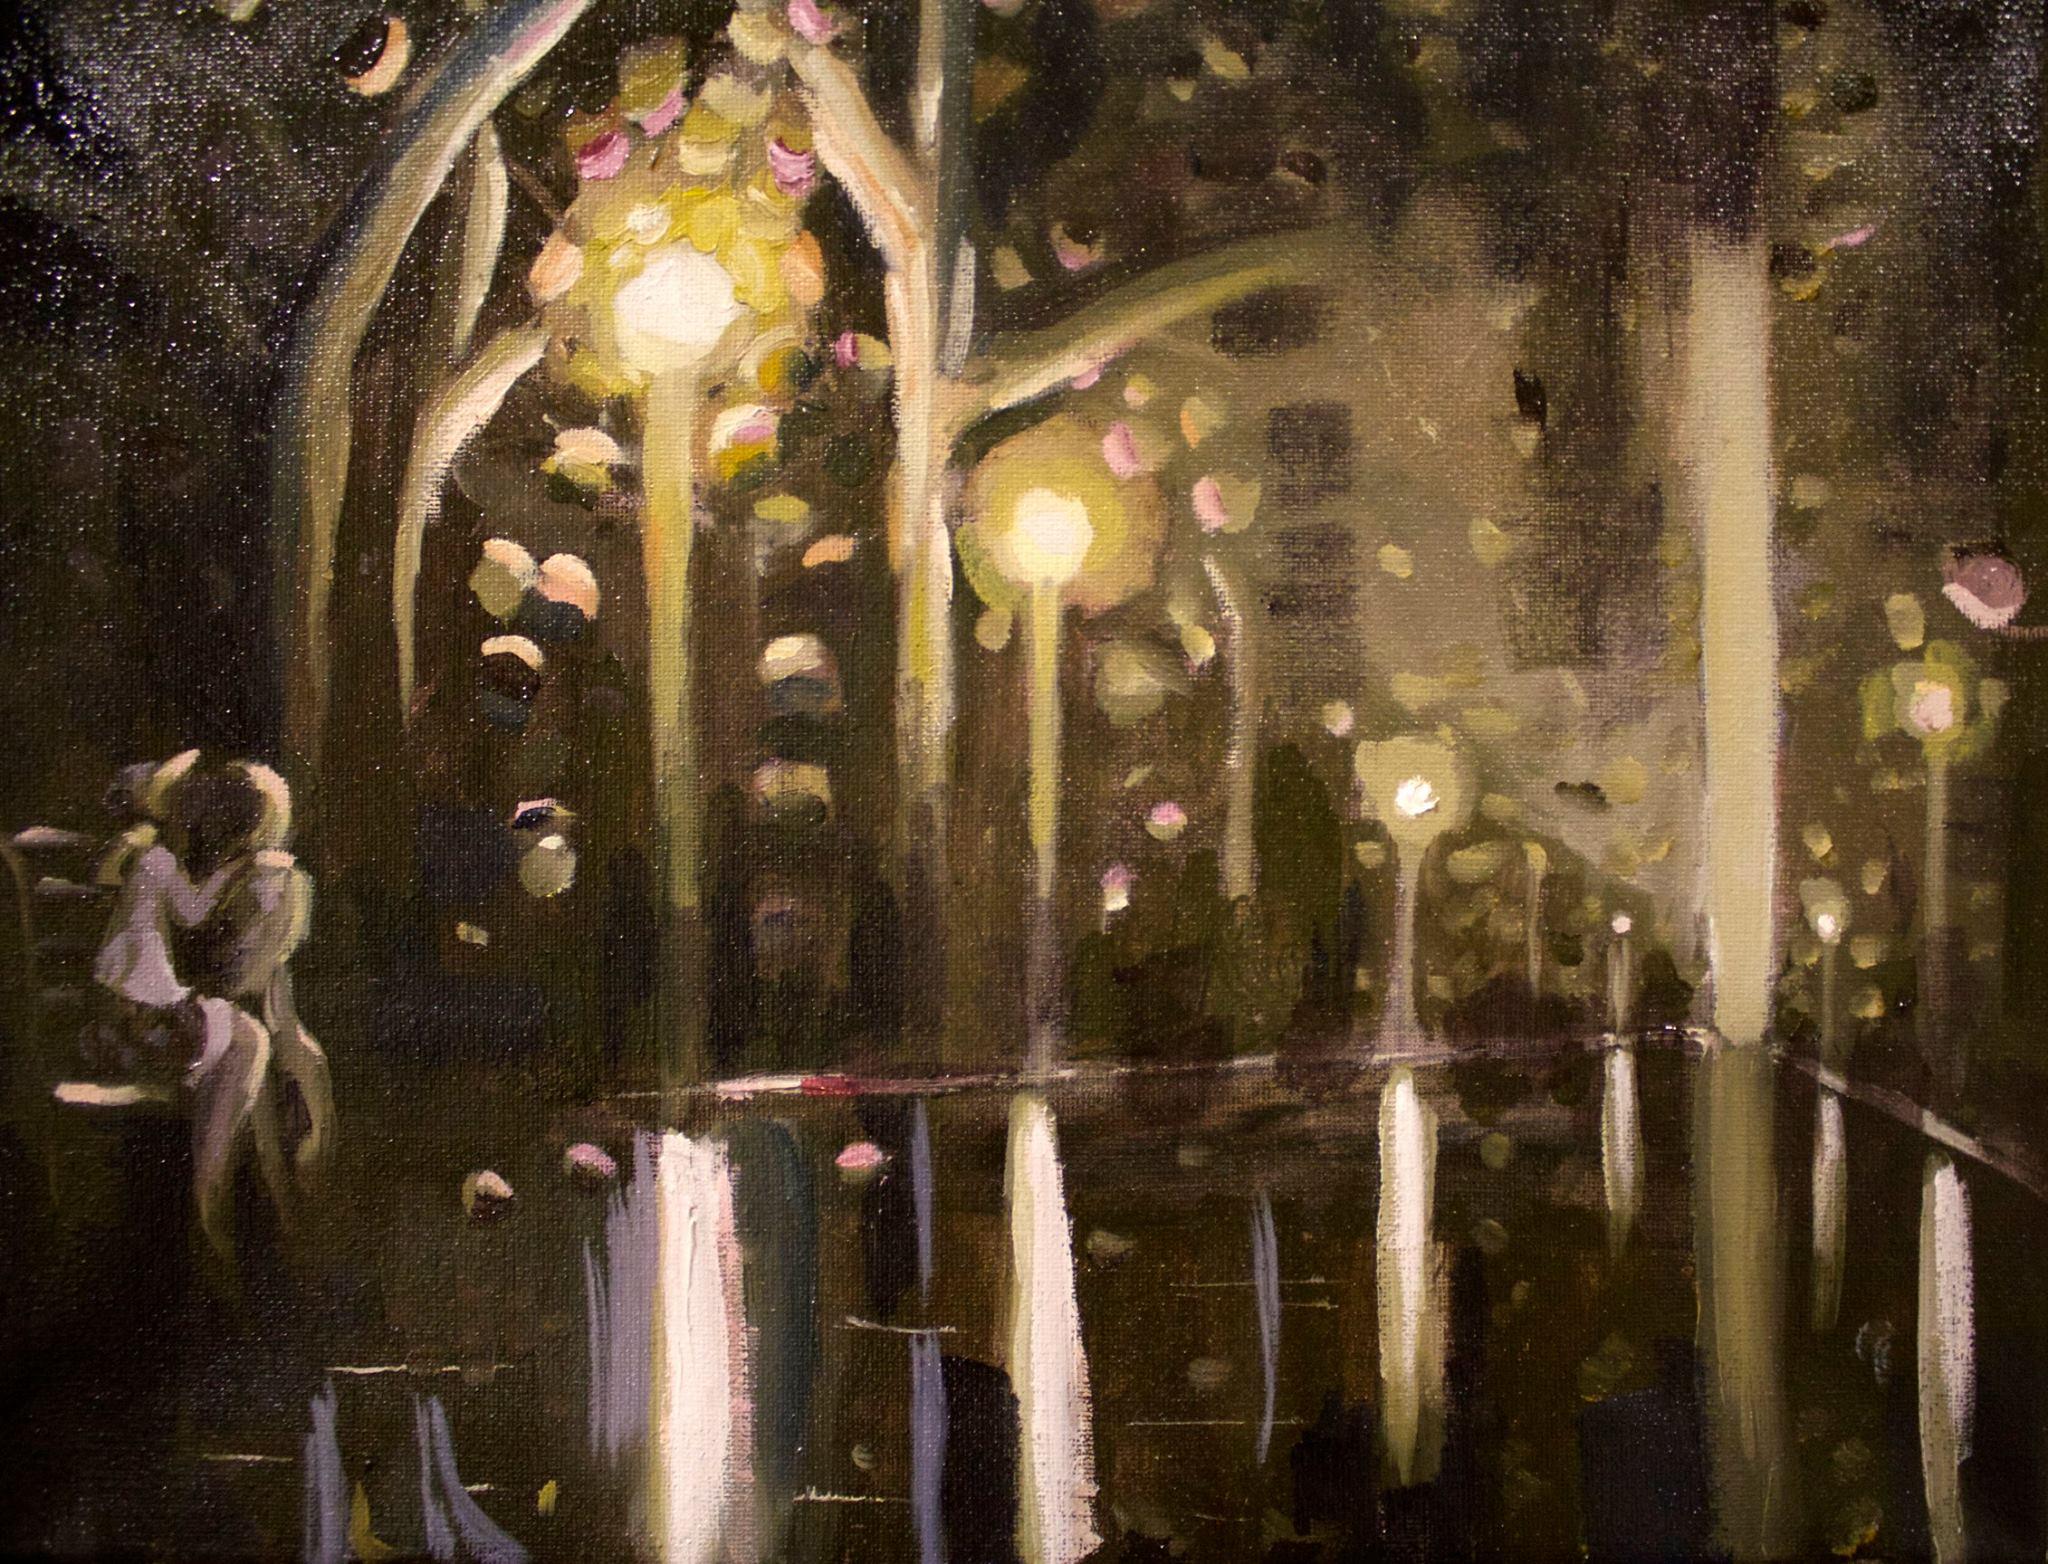 Park abstract study #07 Oil on canvas Mar 2017